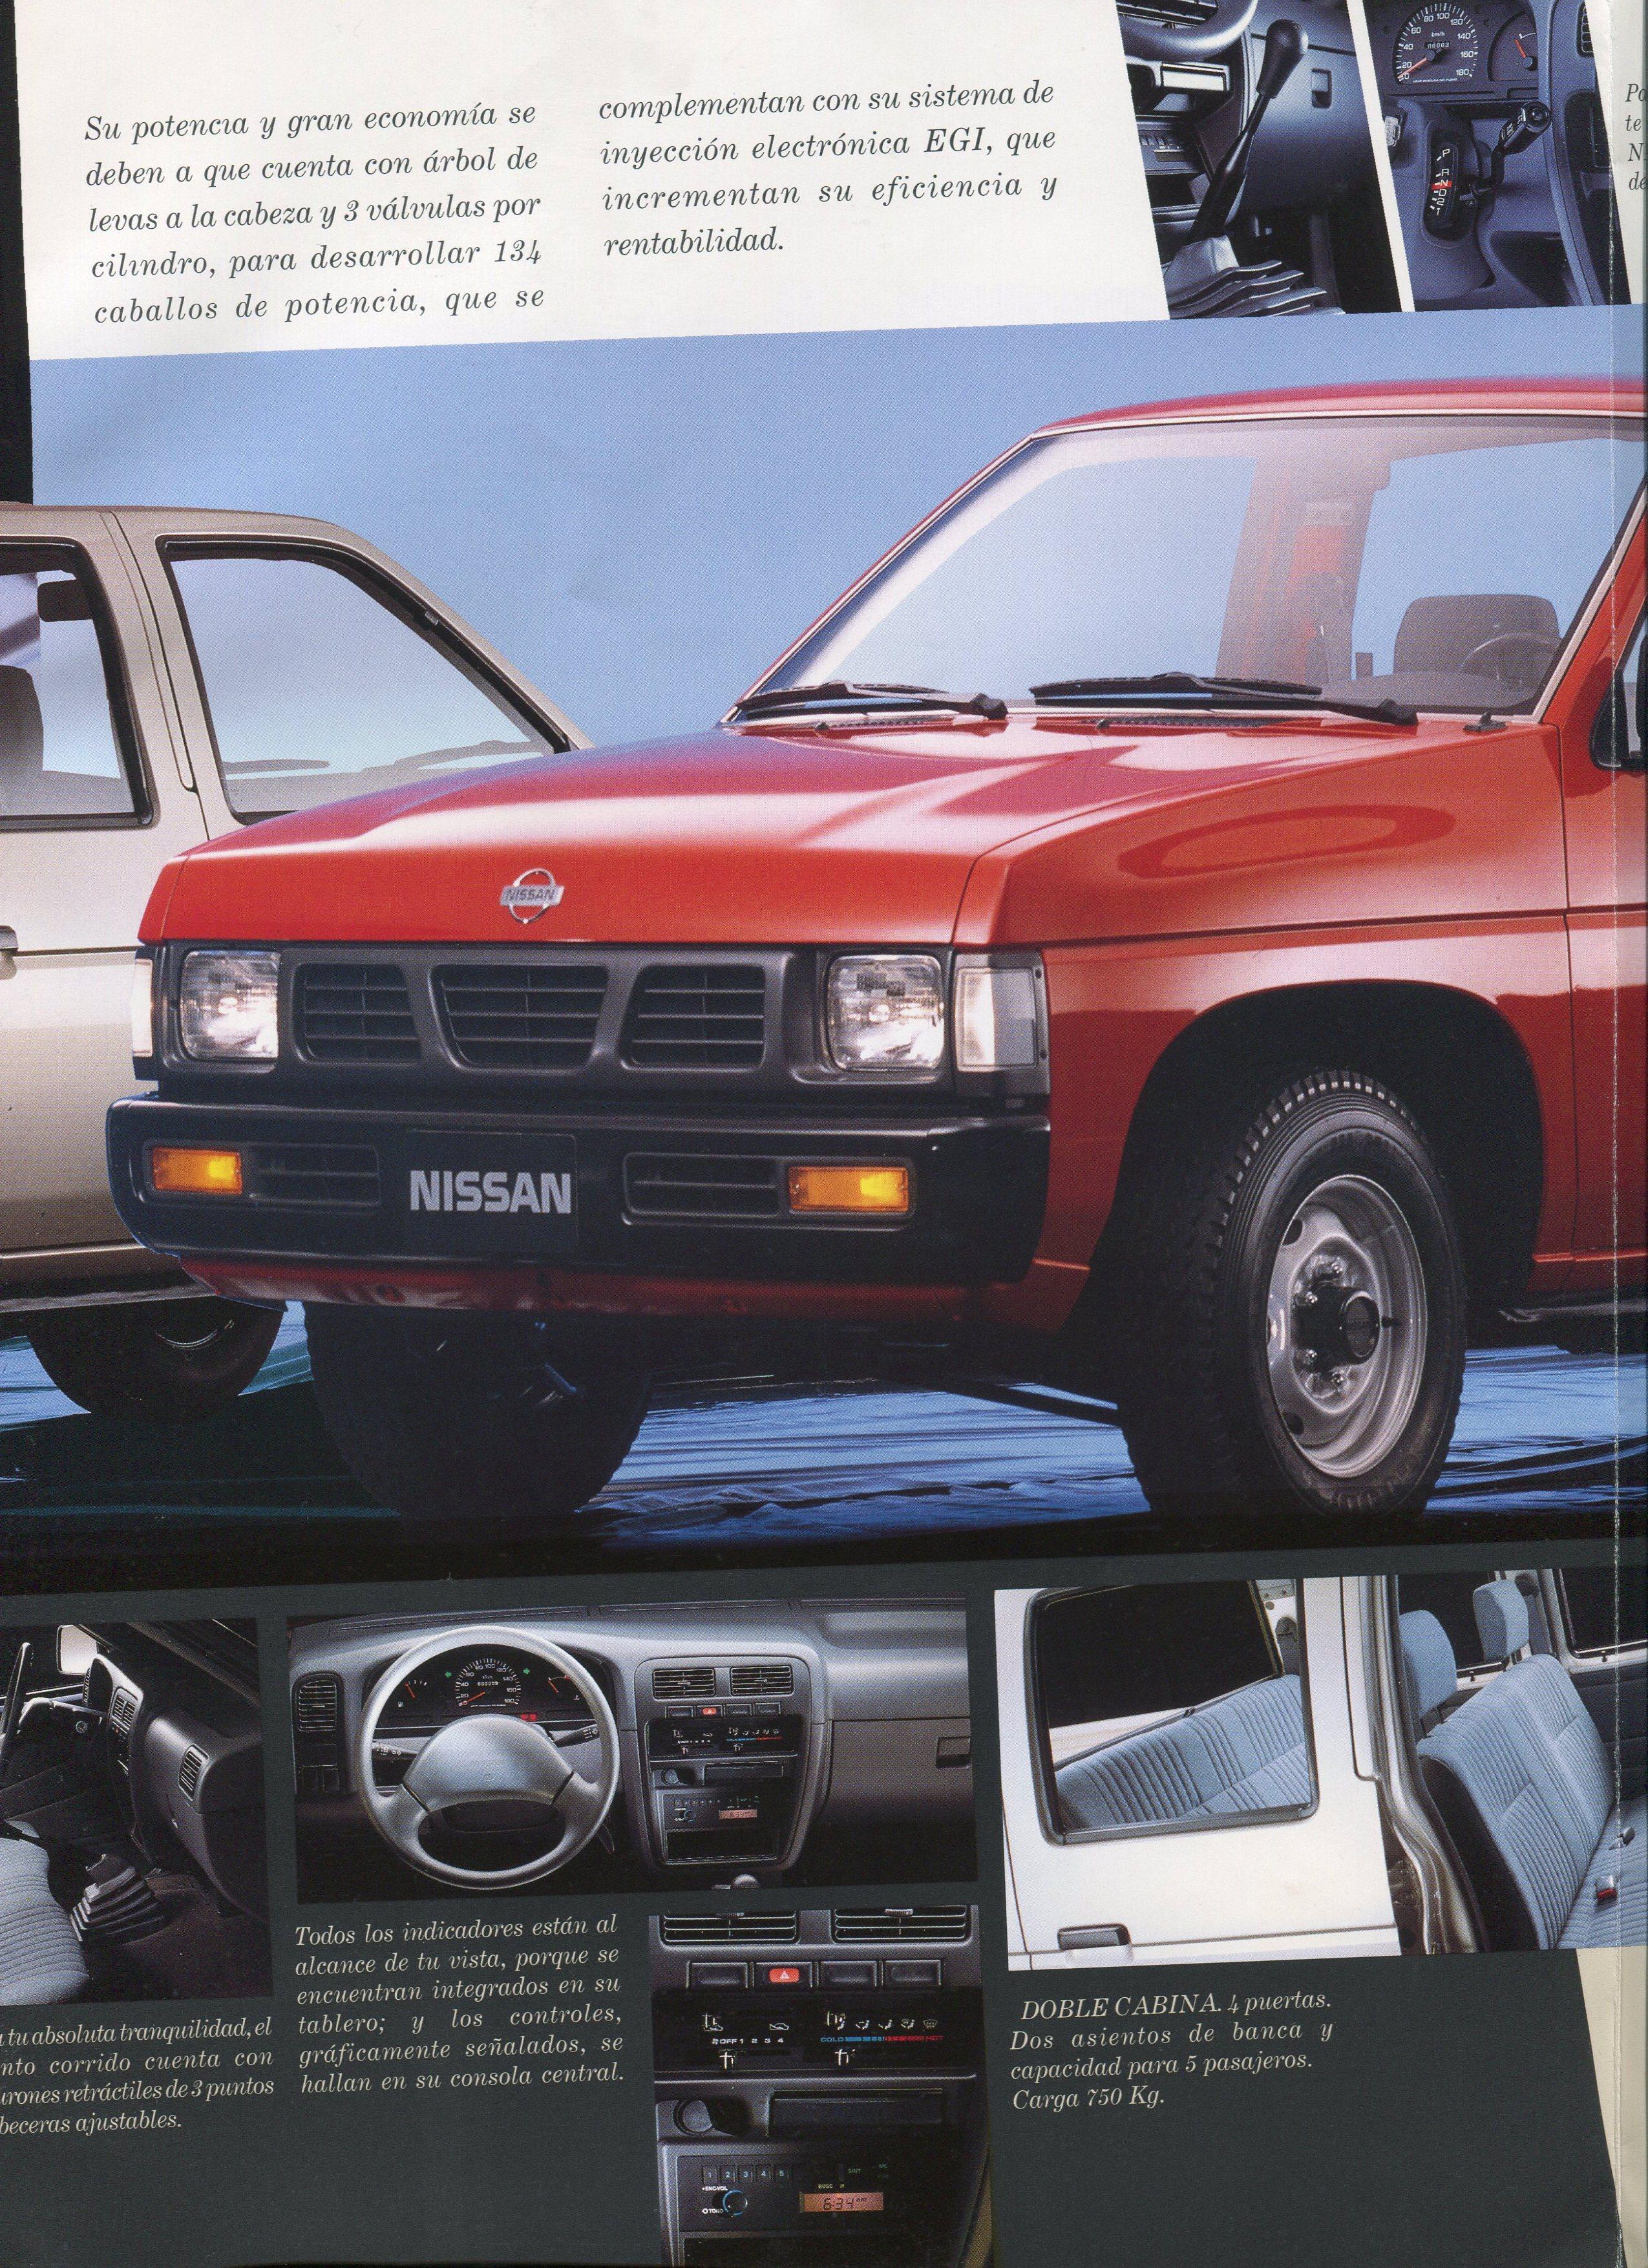 Crossover Vs Suv >> Nissan D21 Hardbody Pickup Dealer Brochure for Mexico ...